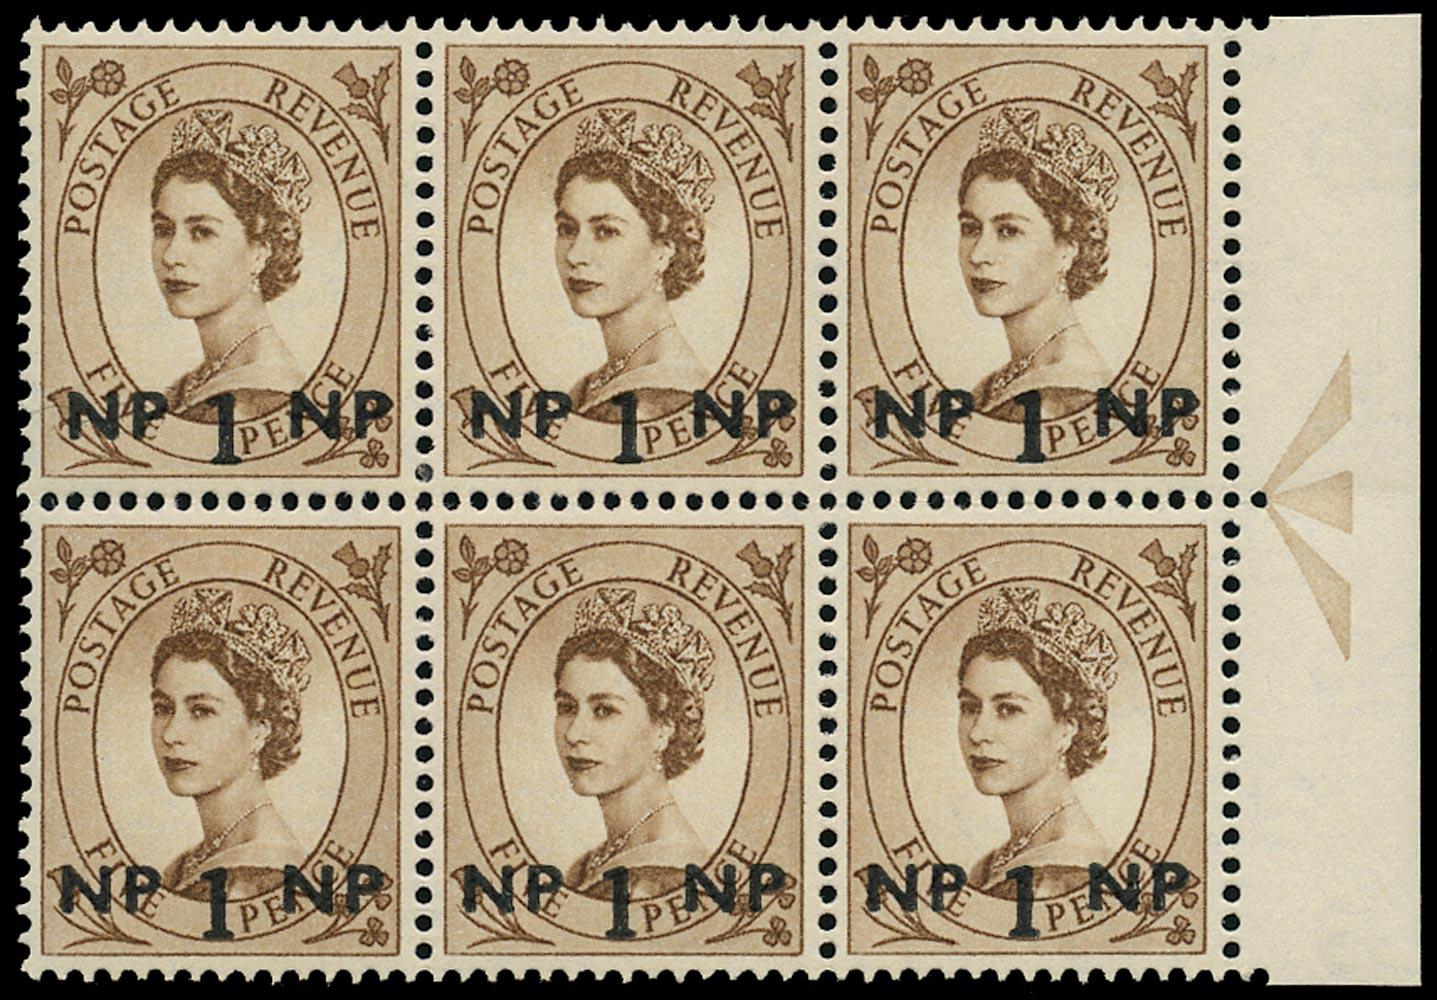 BR PAs IN E ARABIA 1960  SG79 var Mint